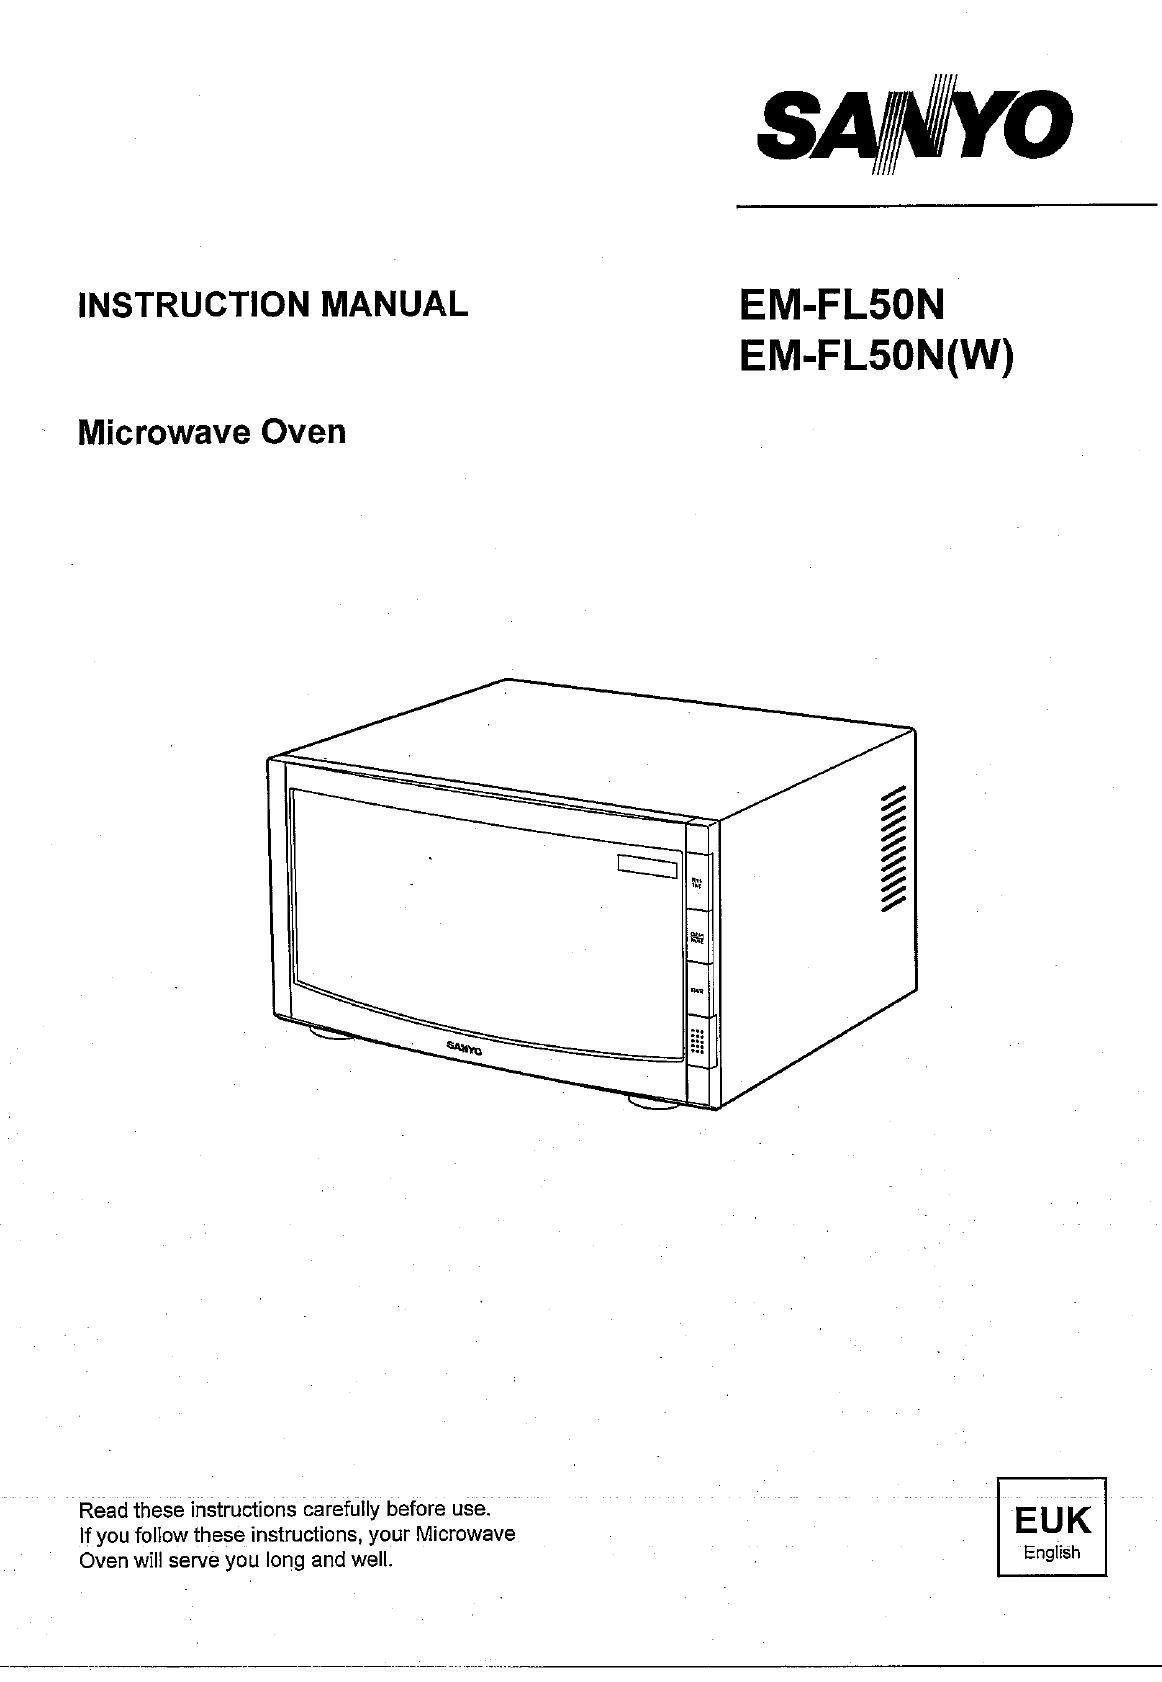 Sanyo Em Fl50n Manual